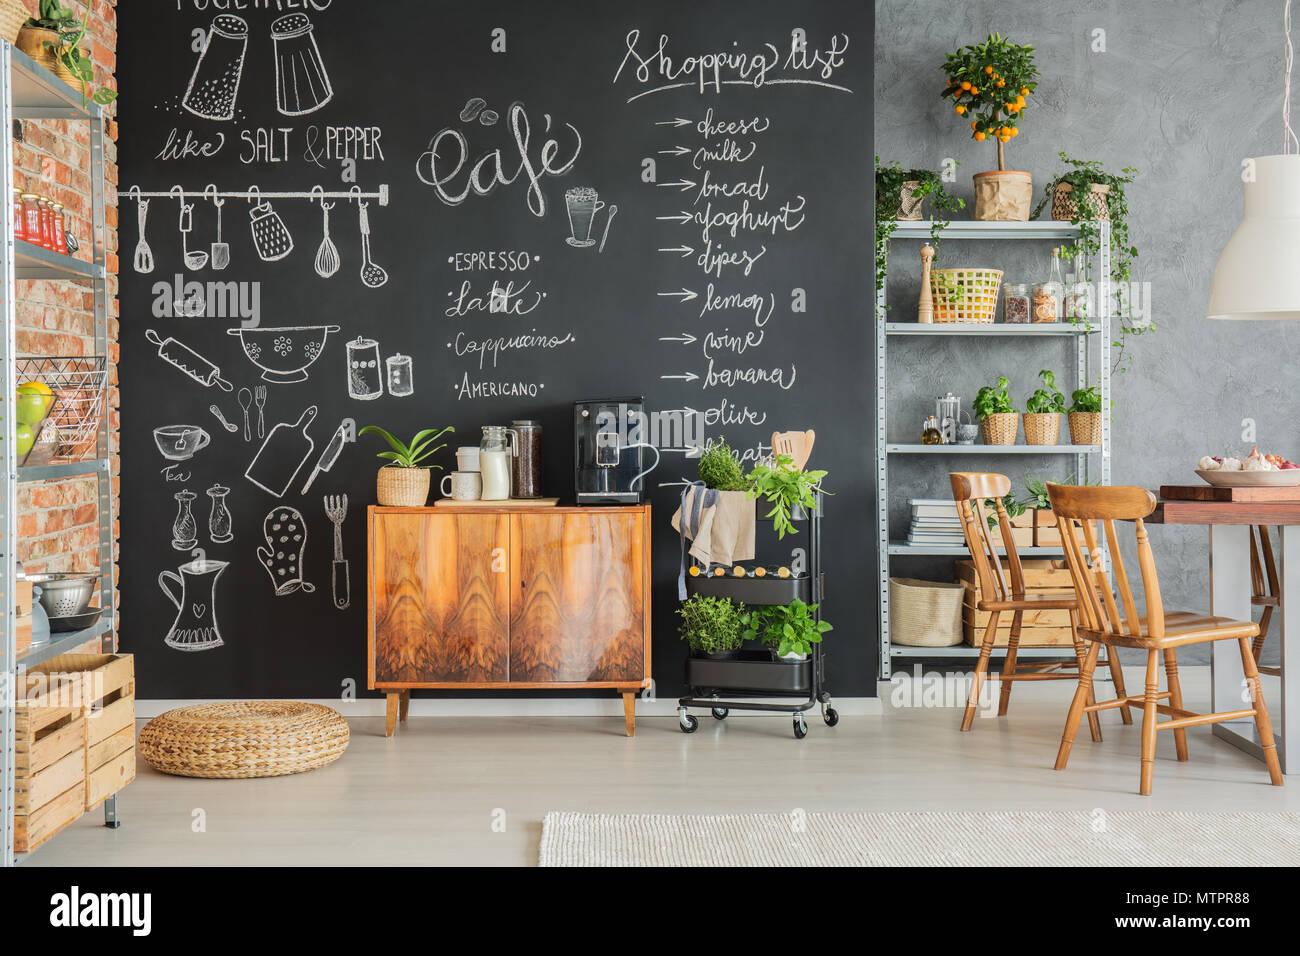 Lavagna a parete con simpatici disegni nella cucina della famiglia